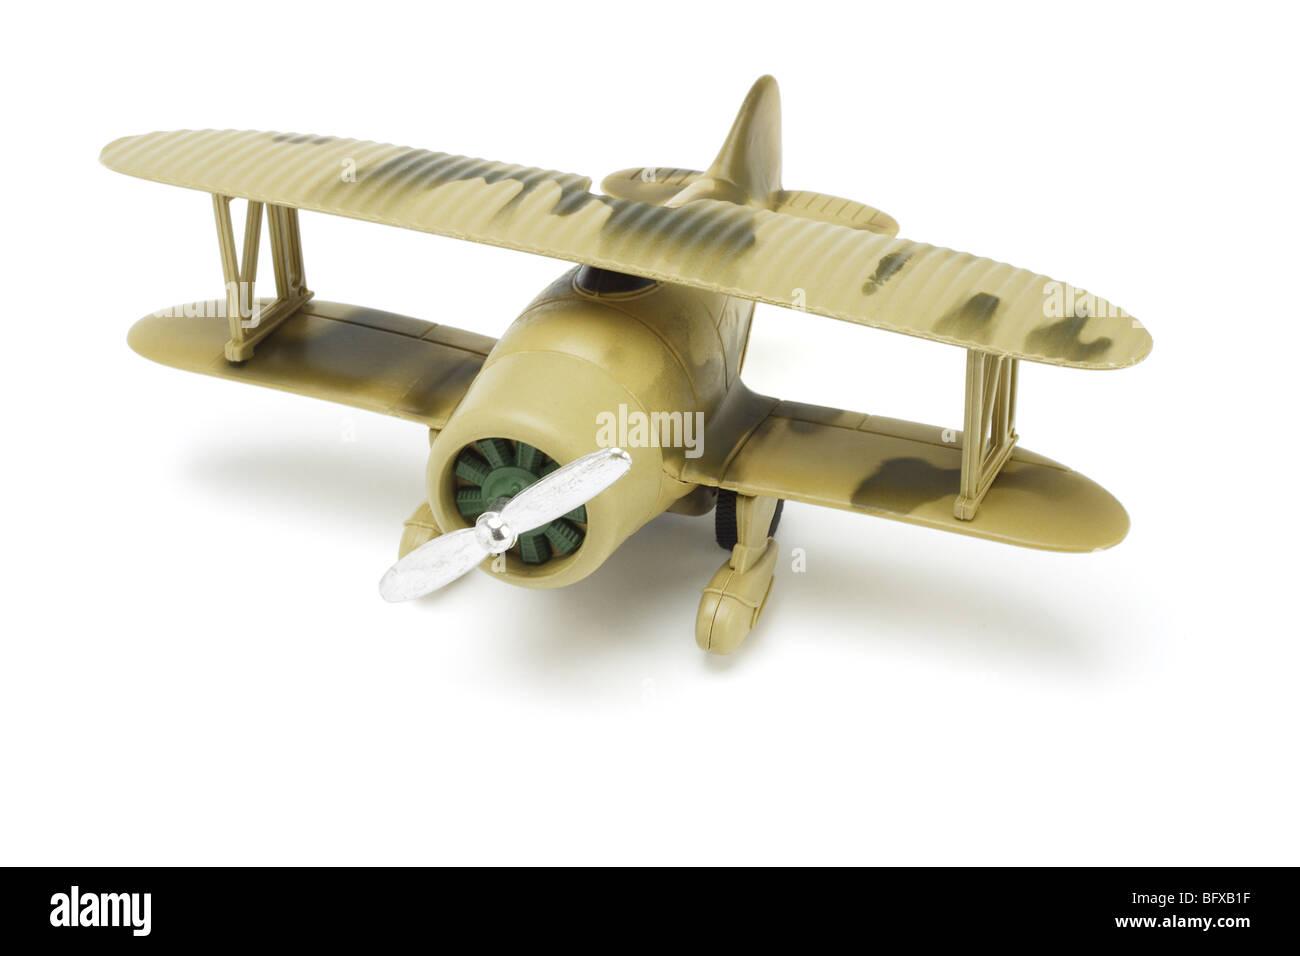 Spielzeug-Militärflugzeuge mit Tarnung Farbe auf weißem Hintergrund Stockbild